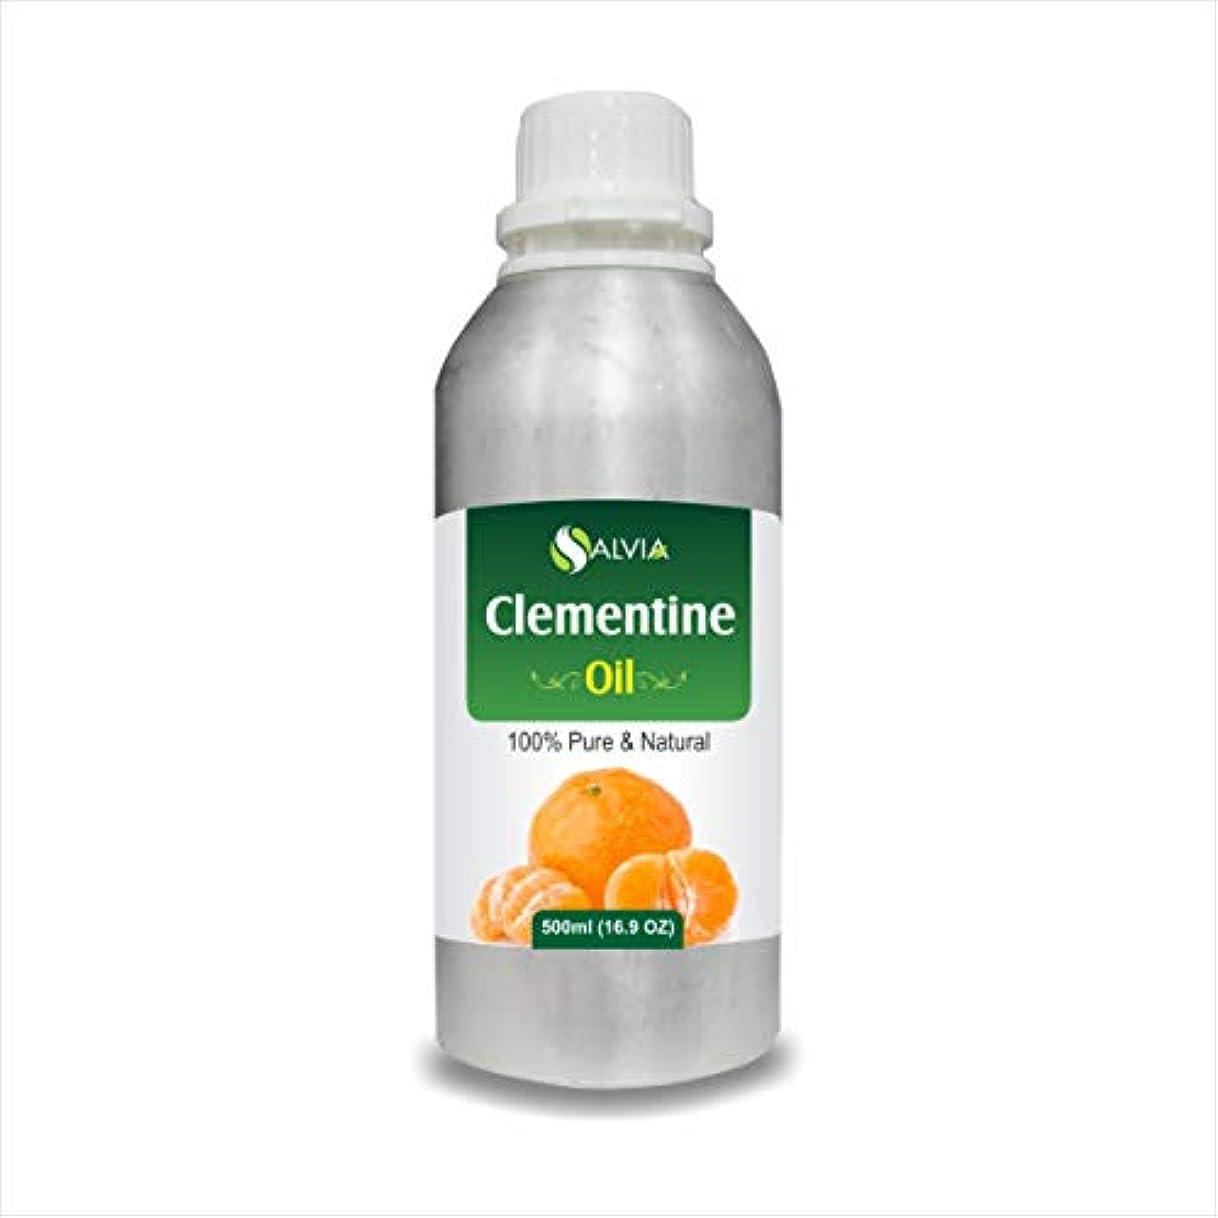 アルカトラズ島国際つらいClementine Oil (Citrus Clementine) 100% Natural Pure Undiluted Uncut Essential Oil 500ml